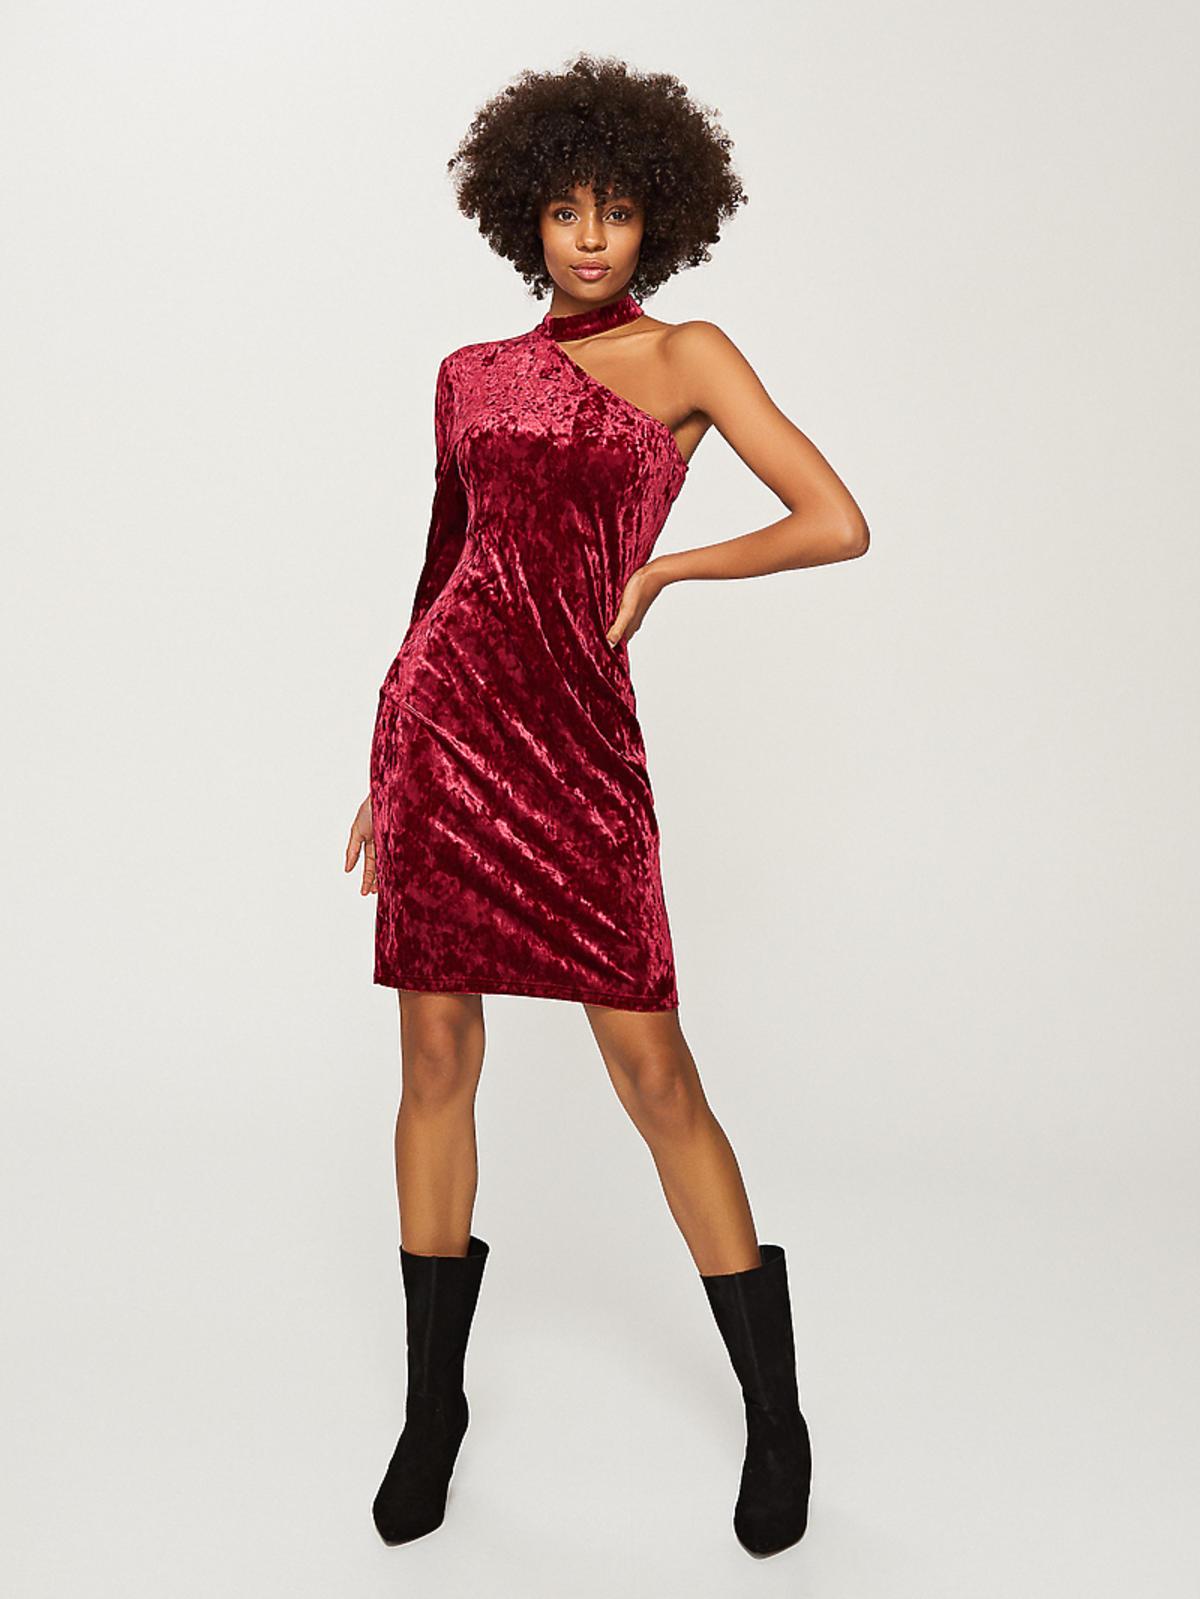 Reserved, Welurowa sukienka z jednym rękawem, 49,99 zł